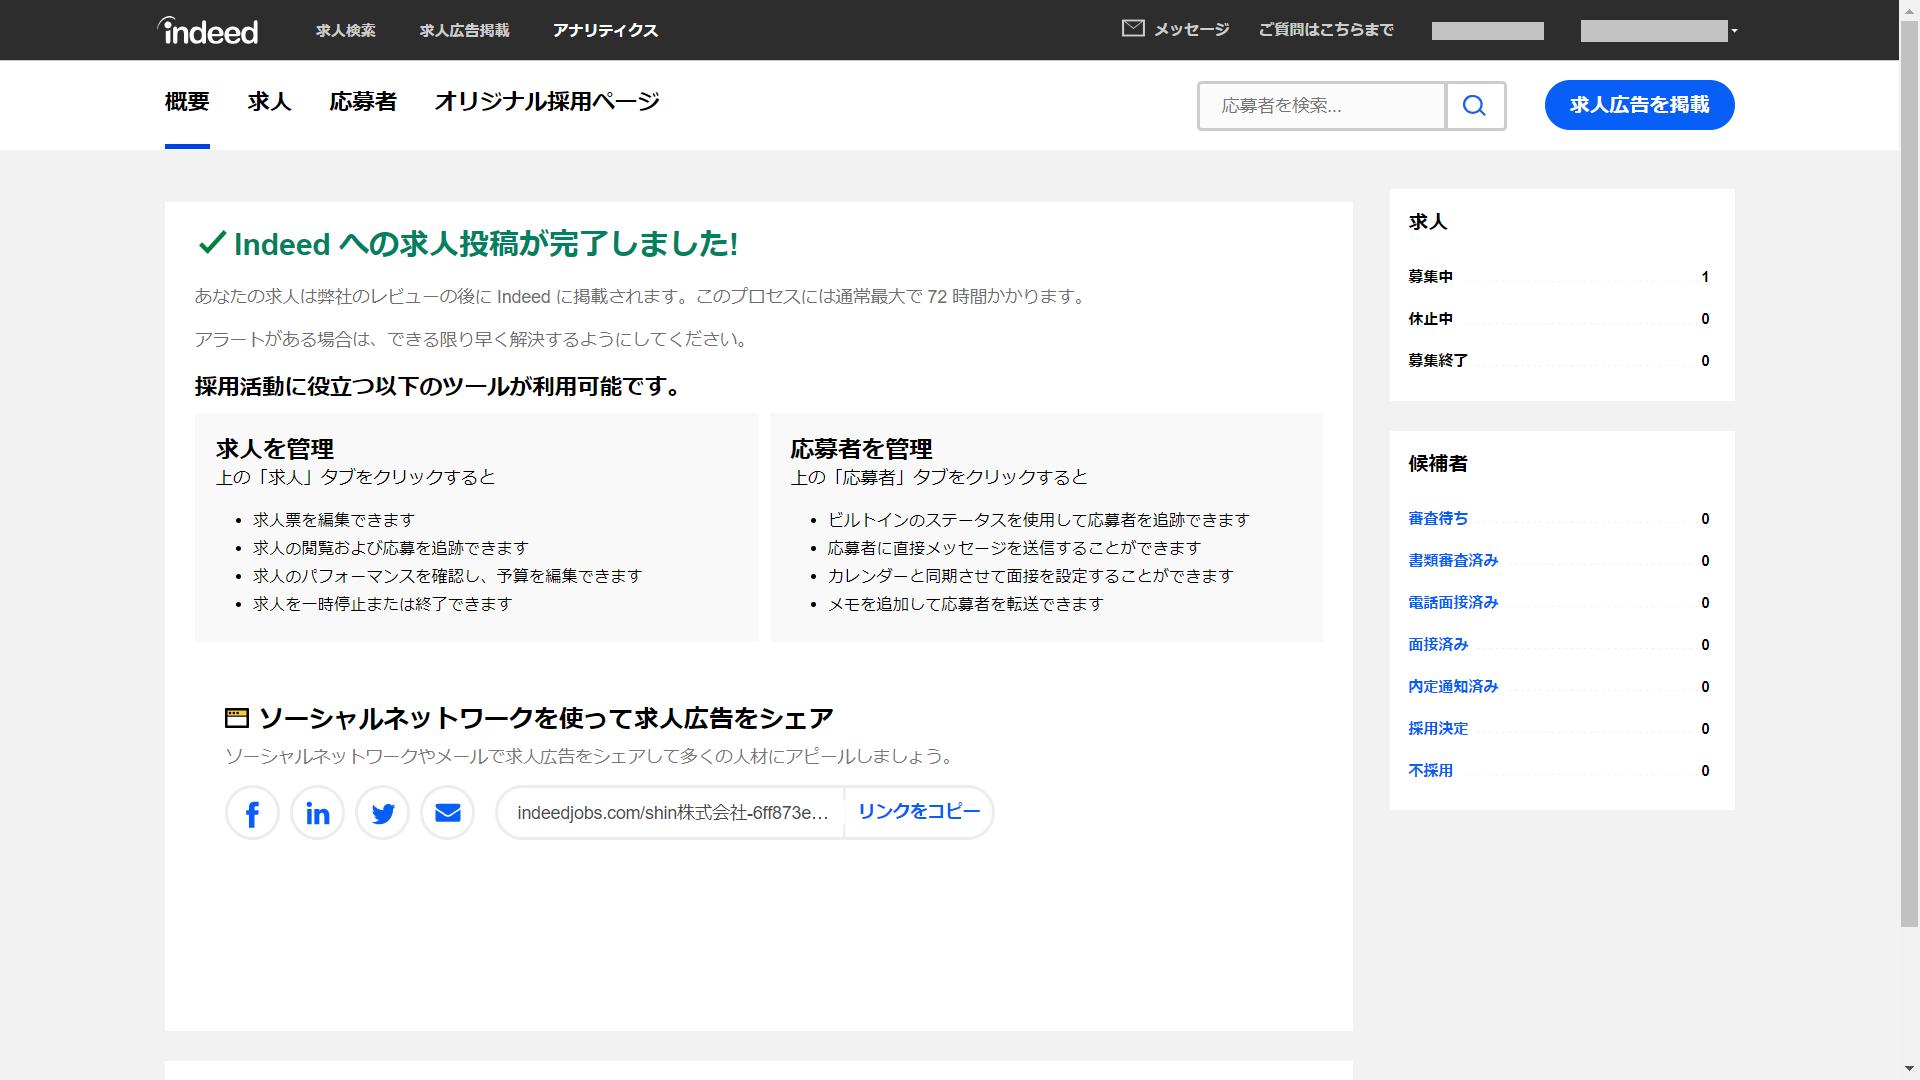 2e88d9ea4a 『アナリティクス』リンクを押下すると、Indeedアナリティクスのダッシュボード画面が開きます。